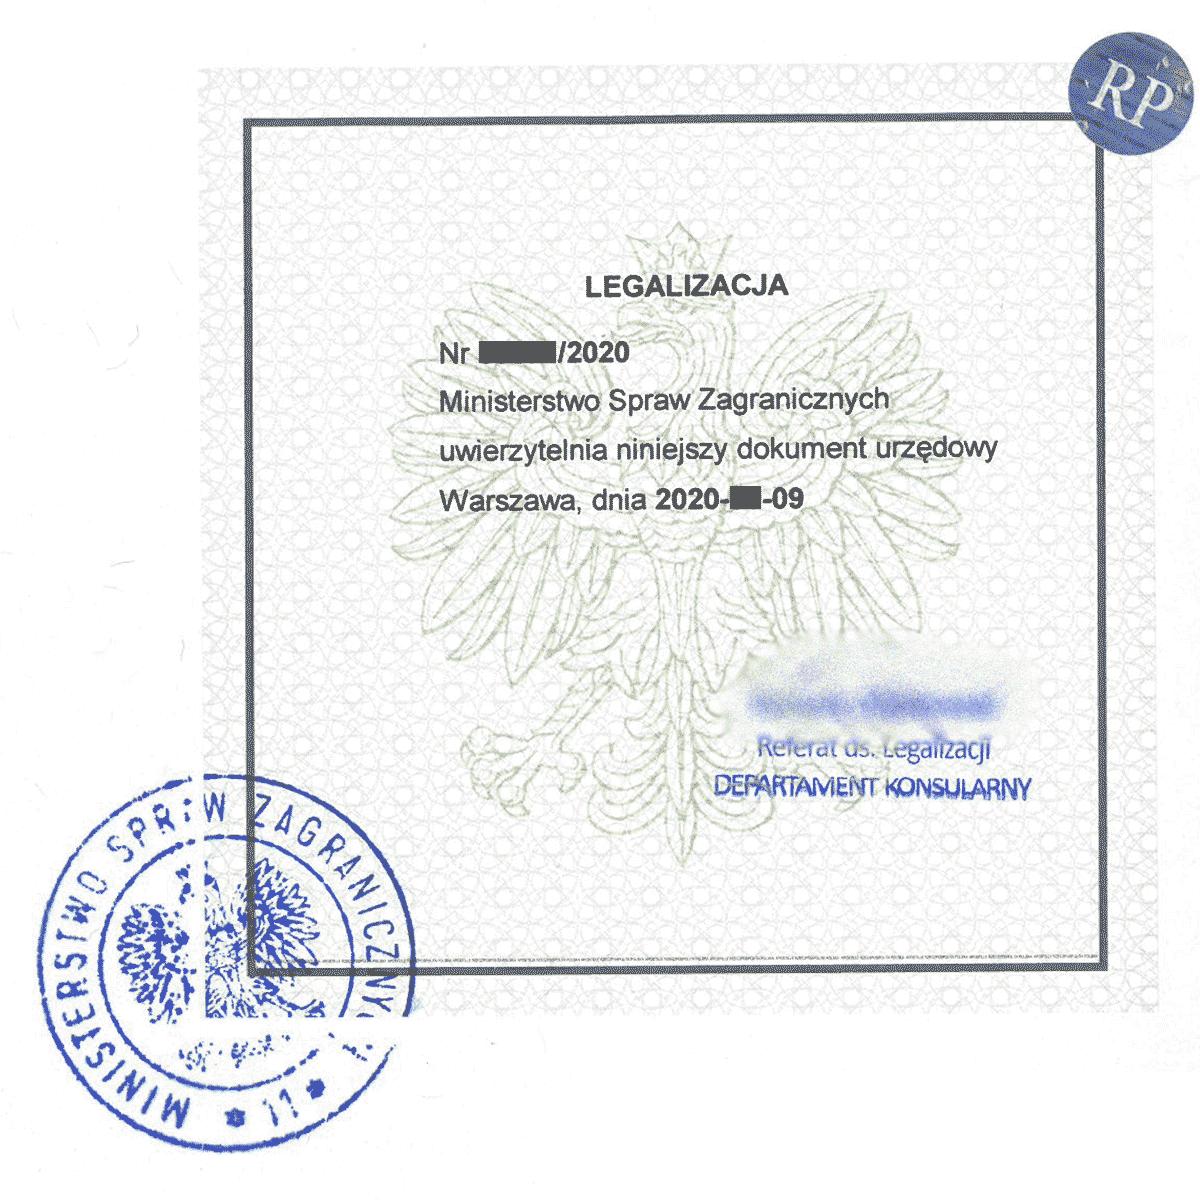 Legalizacja dokumentów - wzór pieczęci